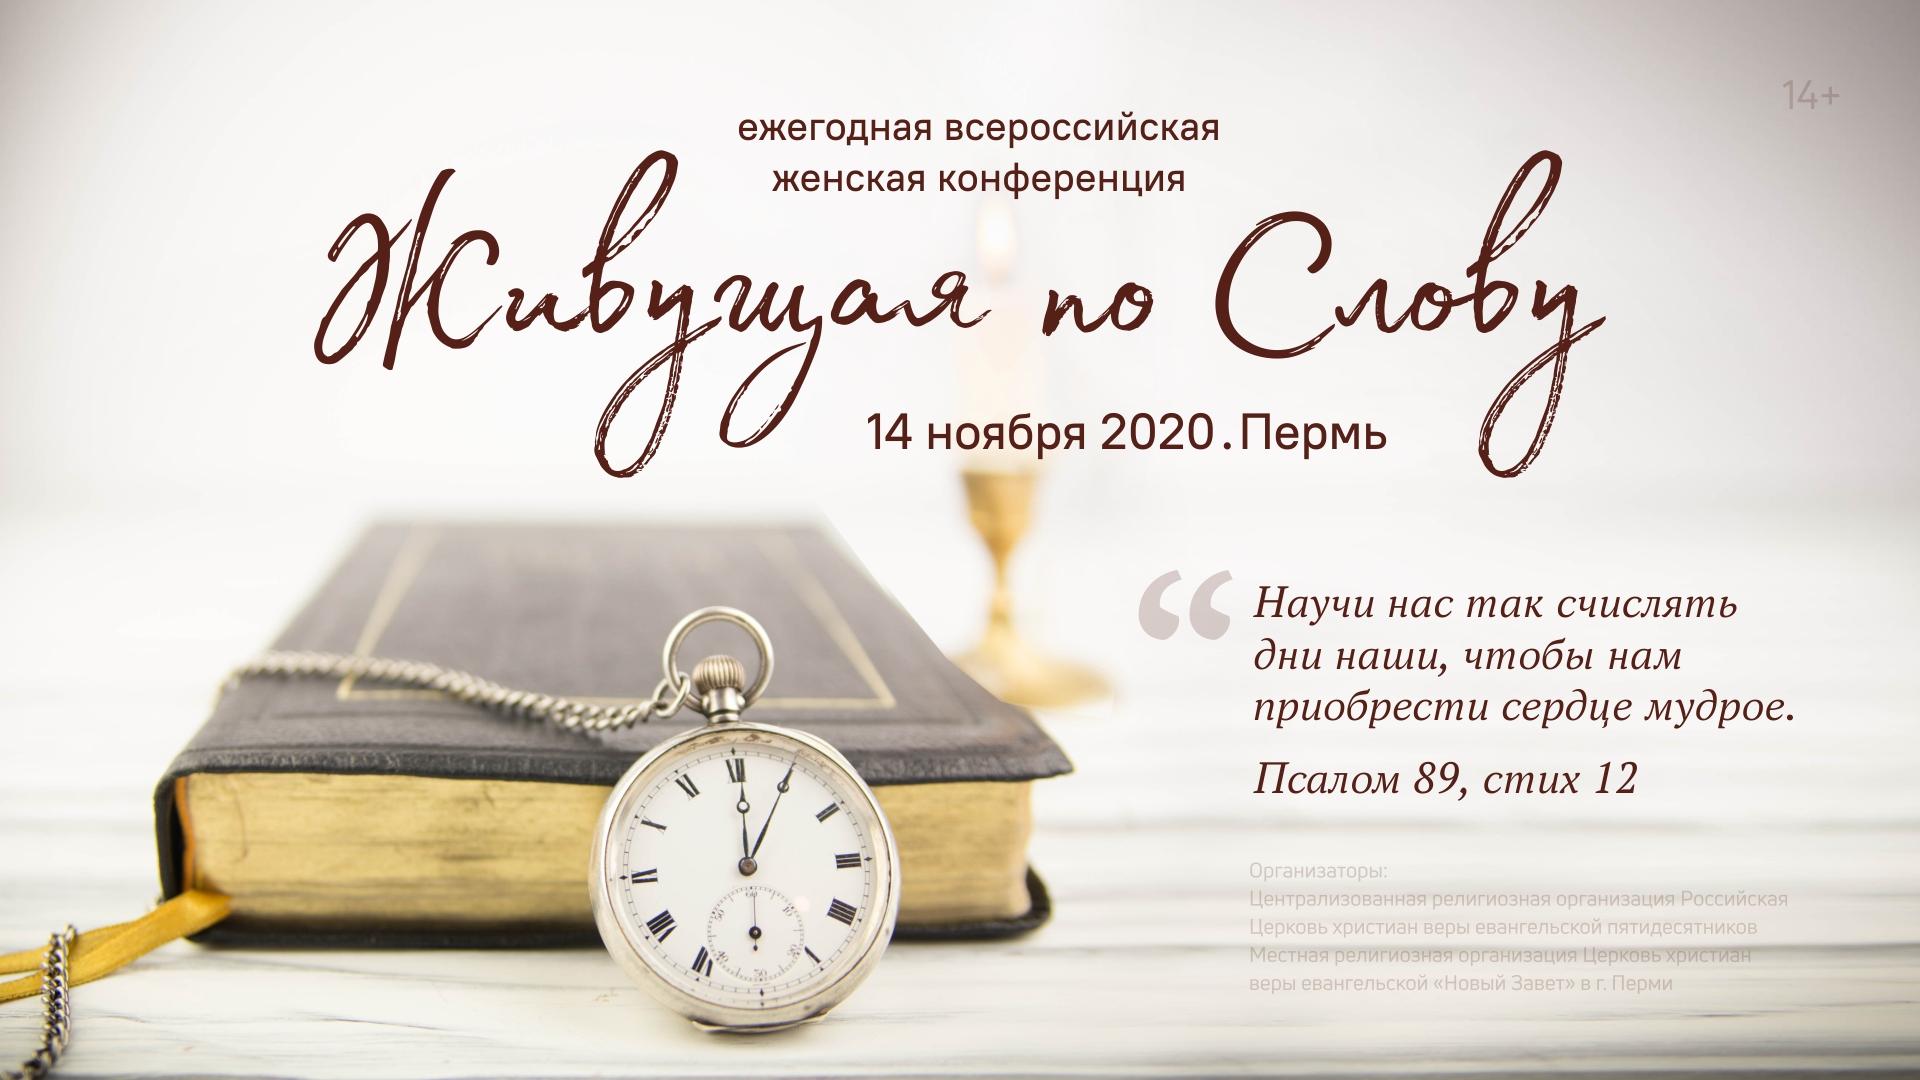 Ежегодная всероссийская женская конференция «Живущая по Слову» пройдет в Перми 14 ноября 2020 года